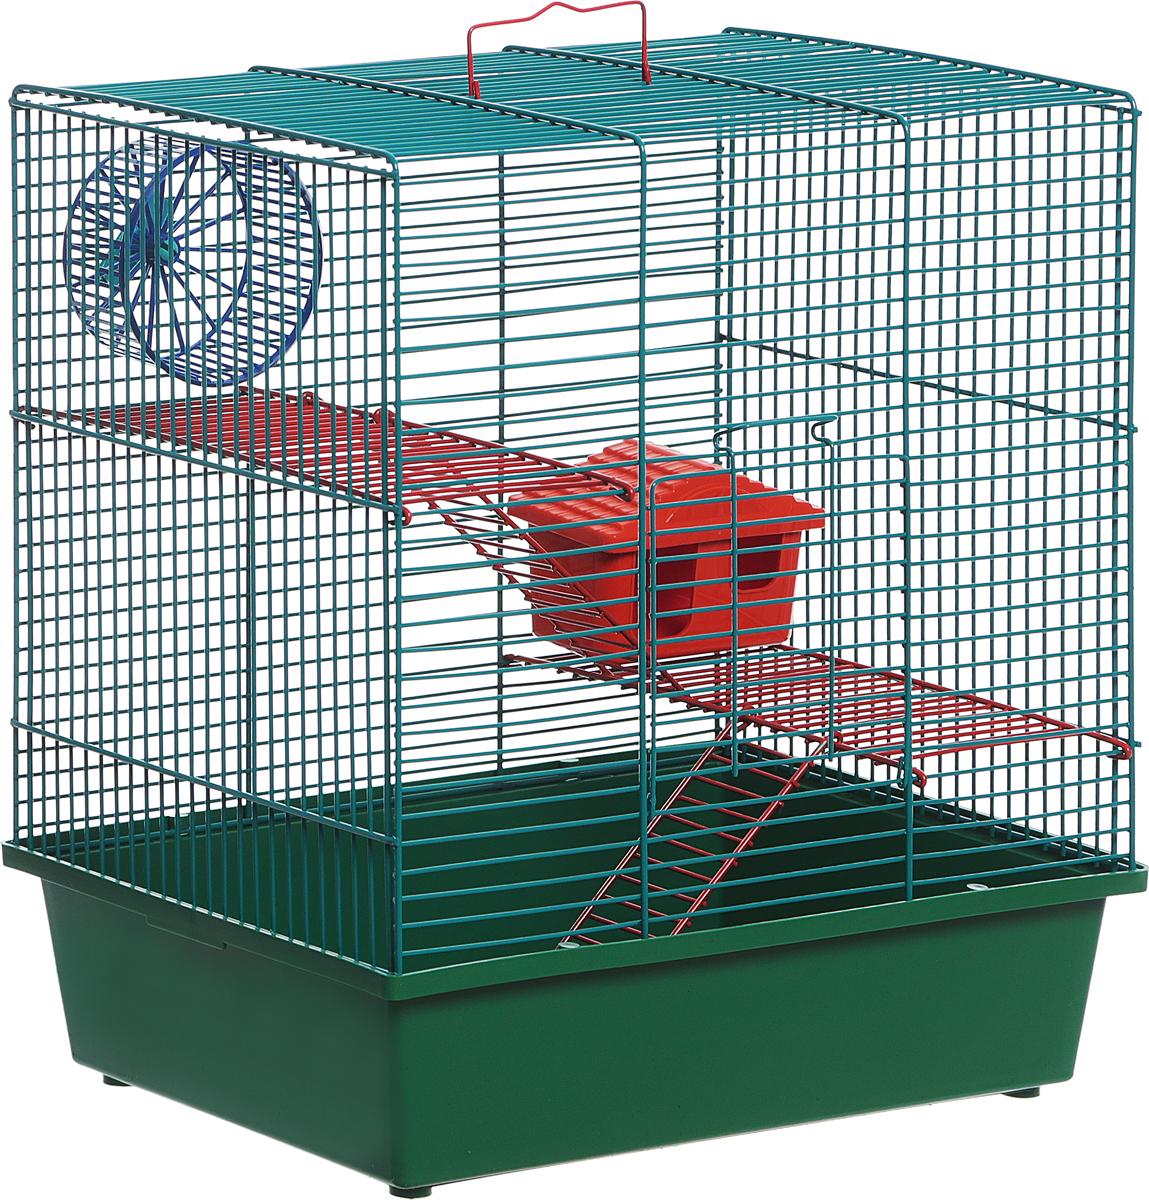 Клетка для грызунов Велес Lusy Hamster-3к, 3-этажная, цвет: зеленый, 35 х 26 х 40 см клетка для грызунов ferplast hamster duo белая 46x29x37 5см